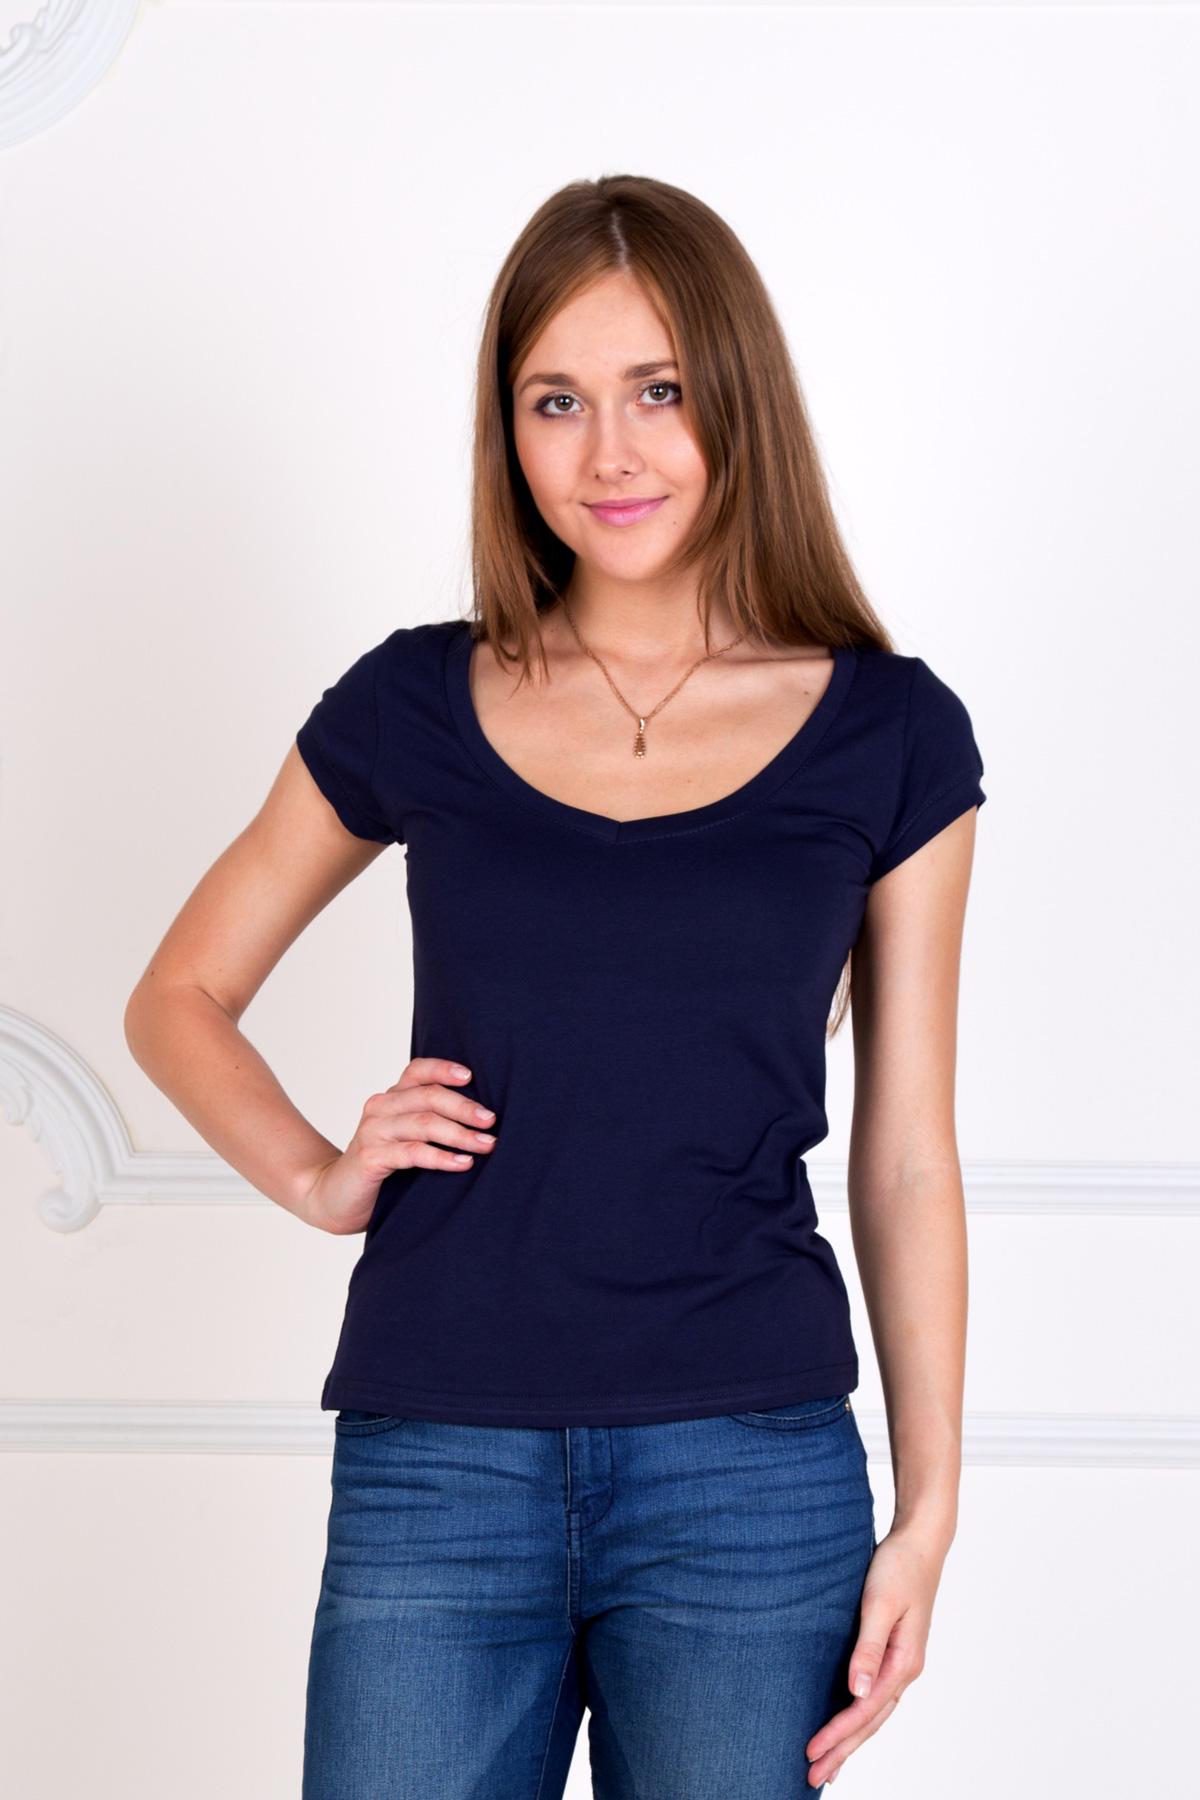 Жен. футболка Лиза Синий р. 56Майки и футболки<br>Факт. ОГ: 106 см <br>Факт. ОТ: 100 см <br>Факт. ОБ: 110 см <br>Длина по спинке: 65 см<br><br>Тип: Жен. футболка<br>Размер: 56<br>Материал: Фулайкра